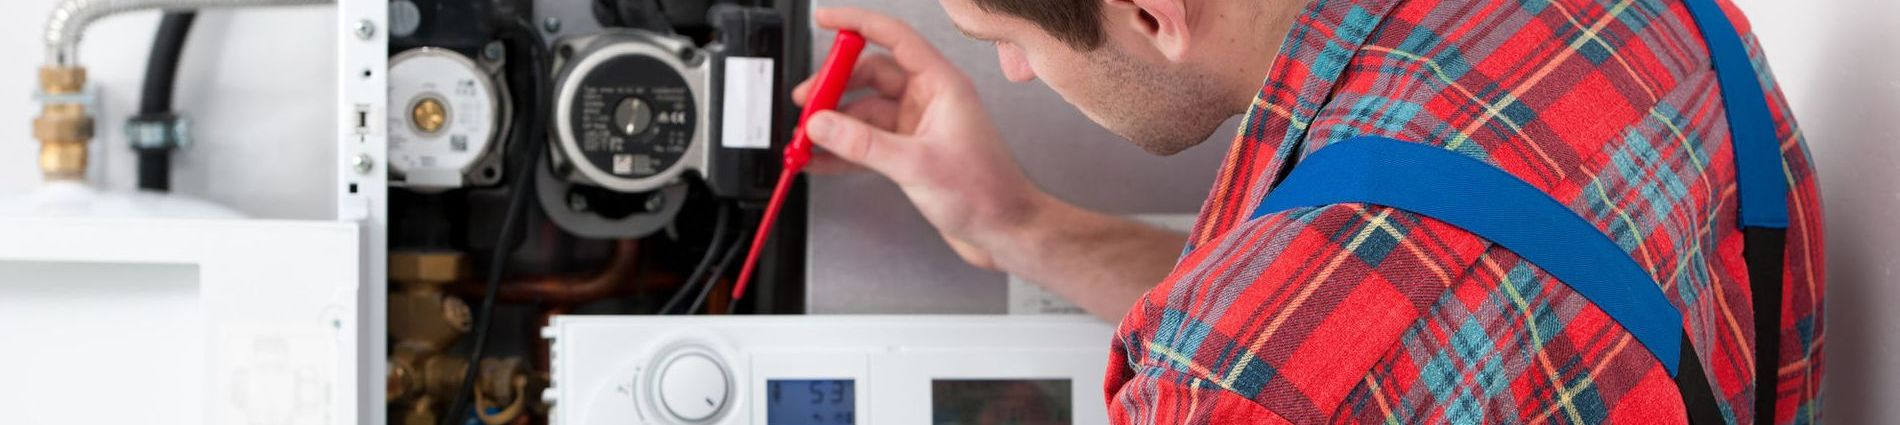 Обслуживание отопительного оборудования, сервис отопительного оборудования